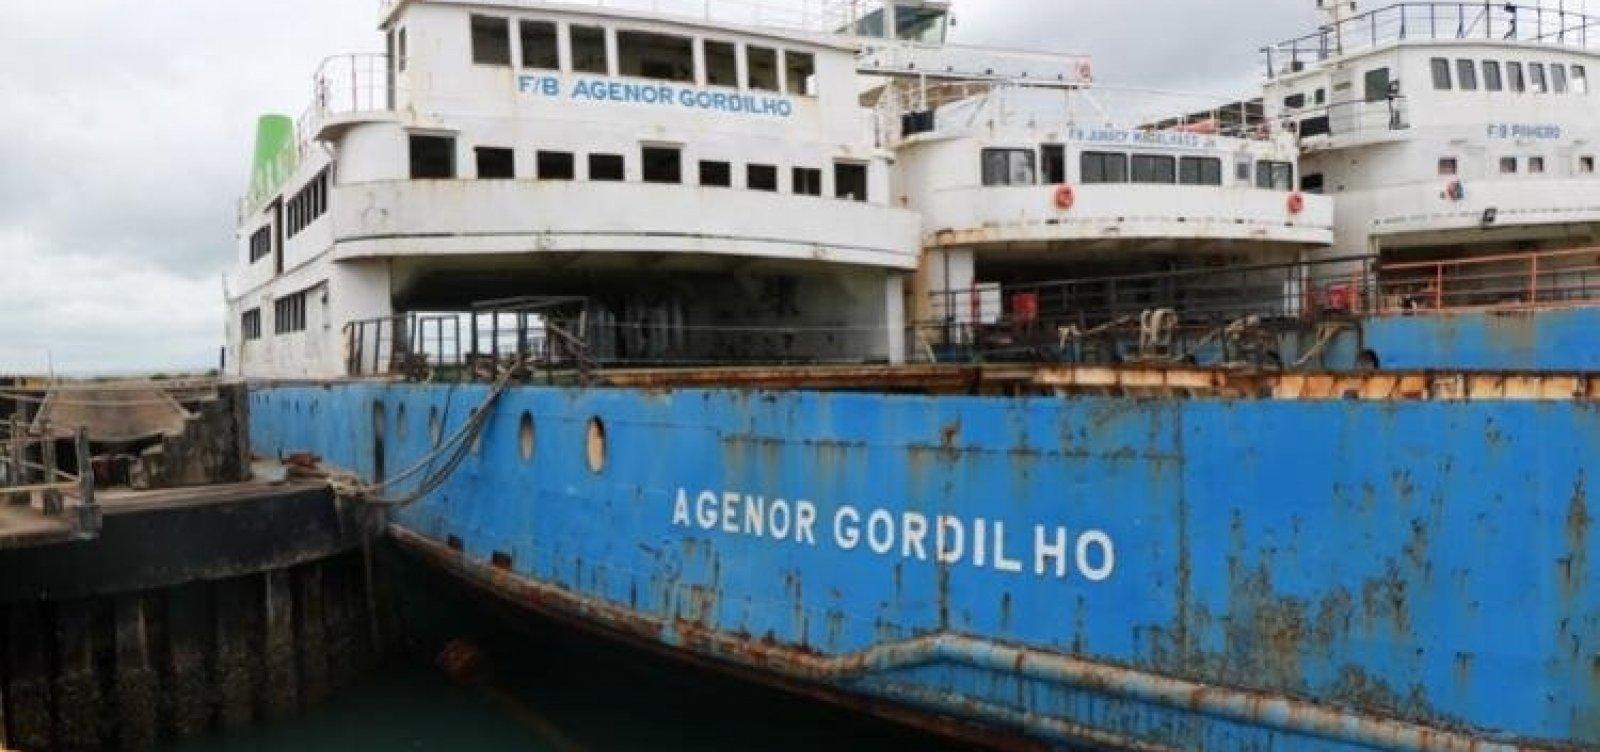 Afundamento do ferry boat Agenor Gordilho é suspenso